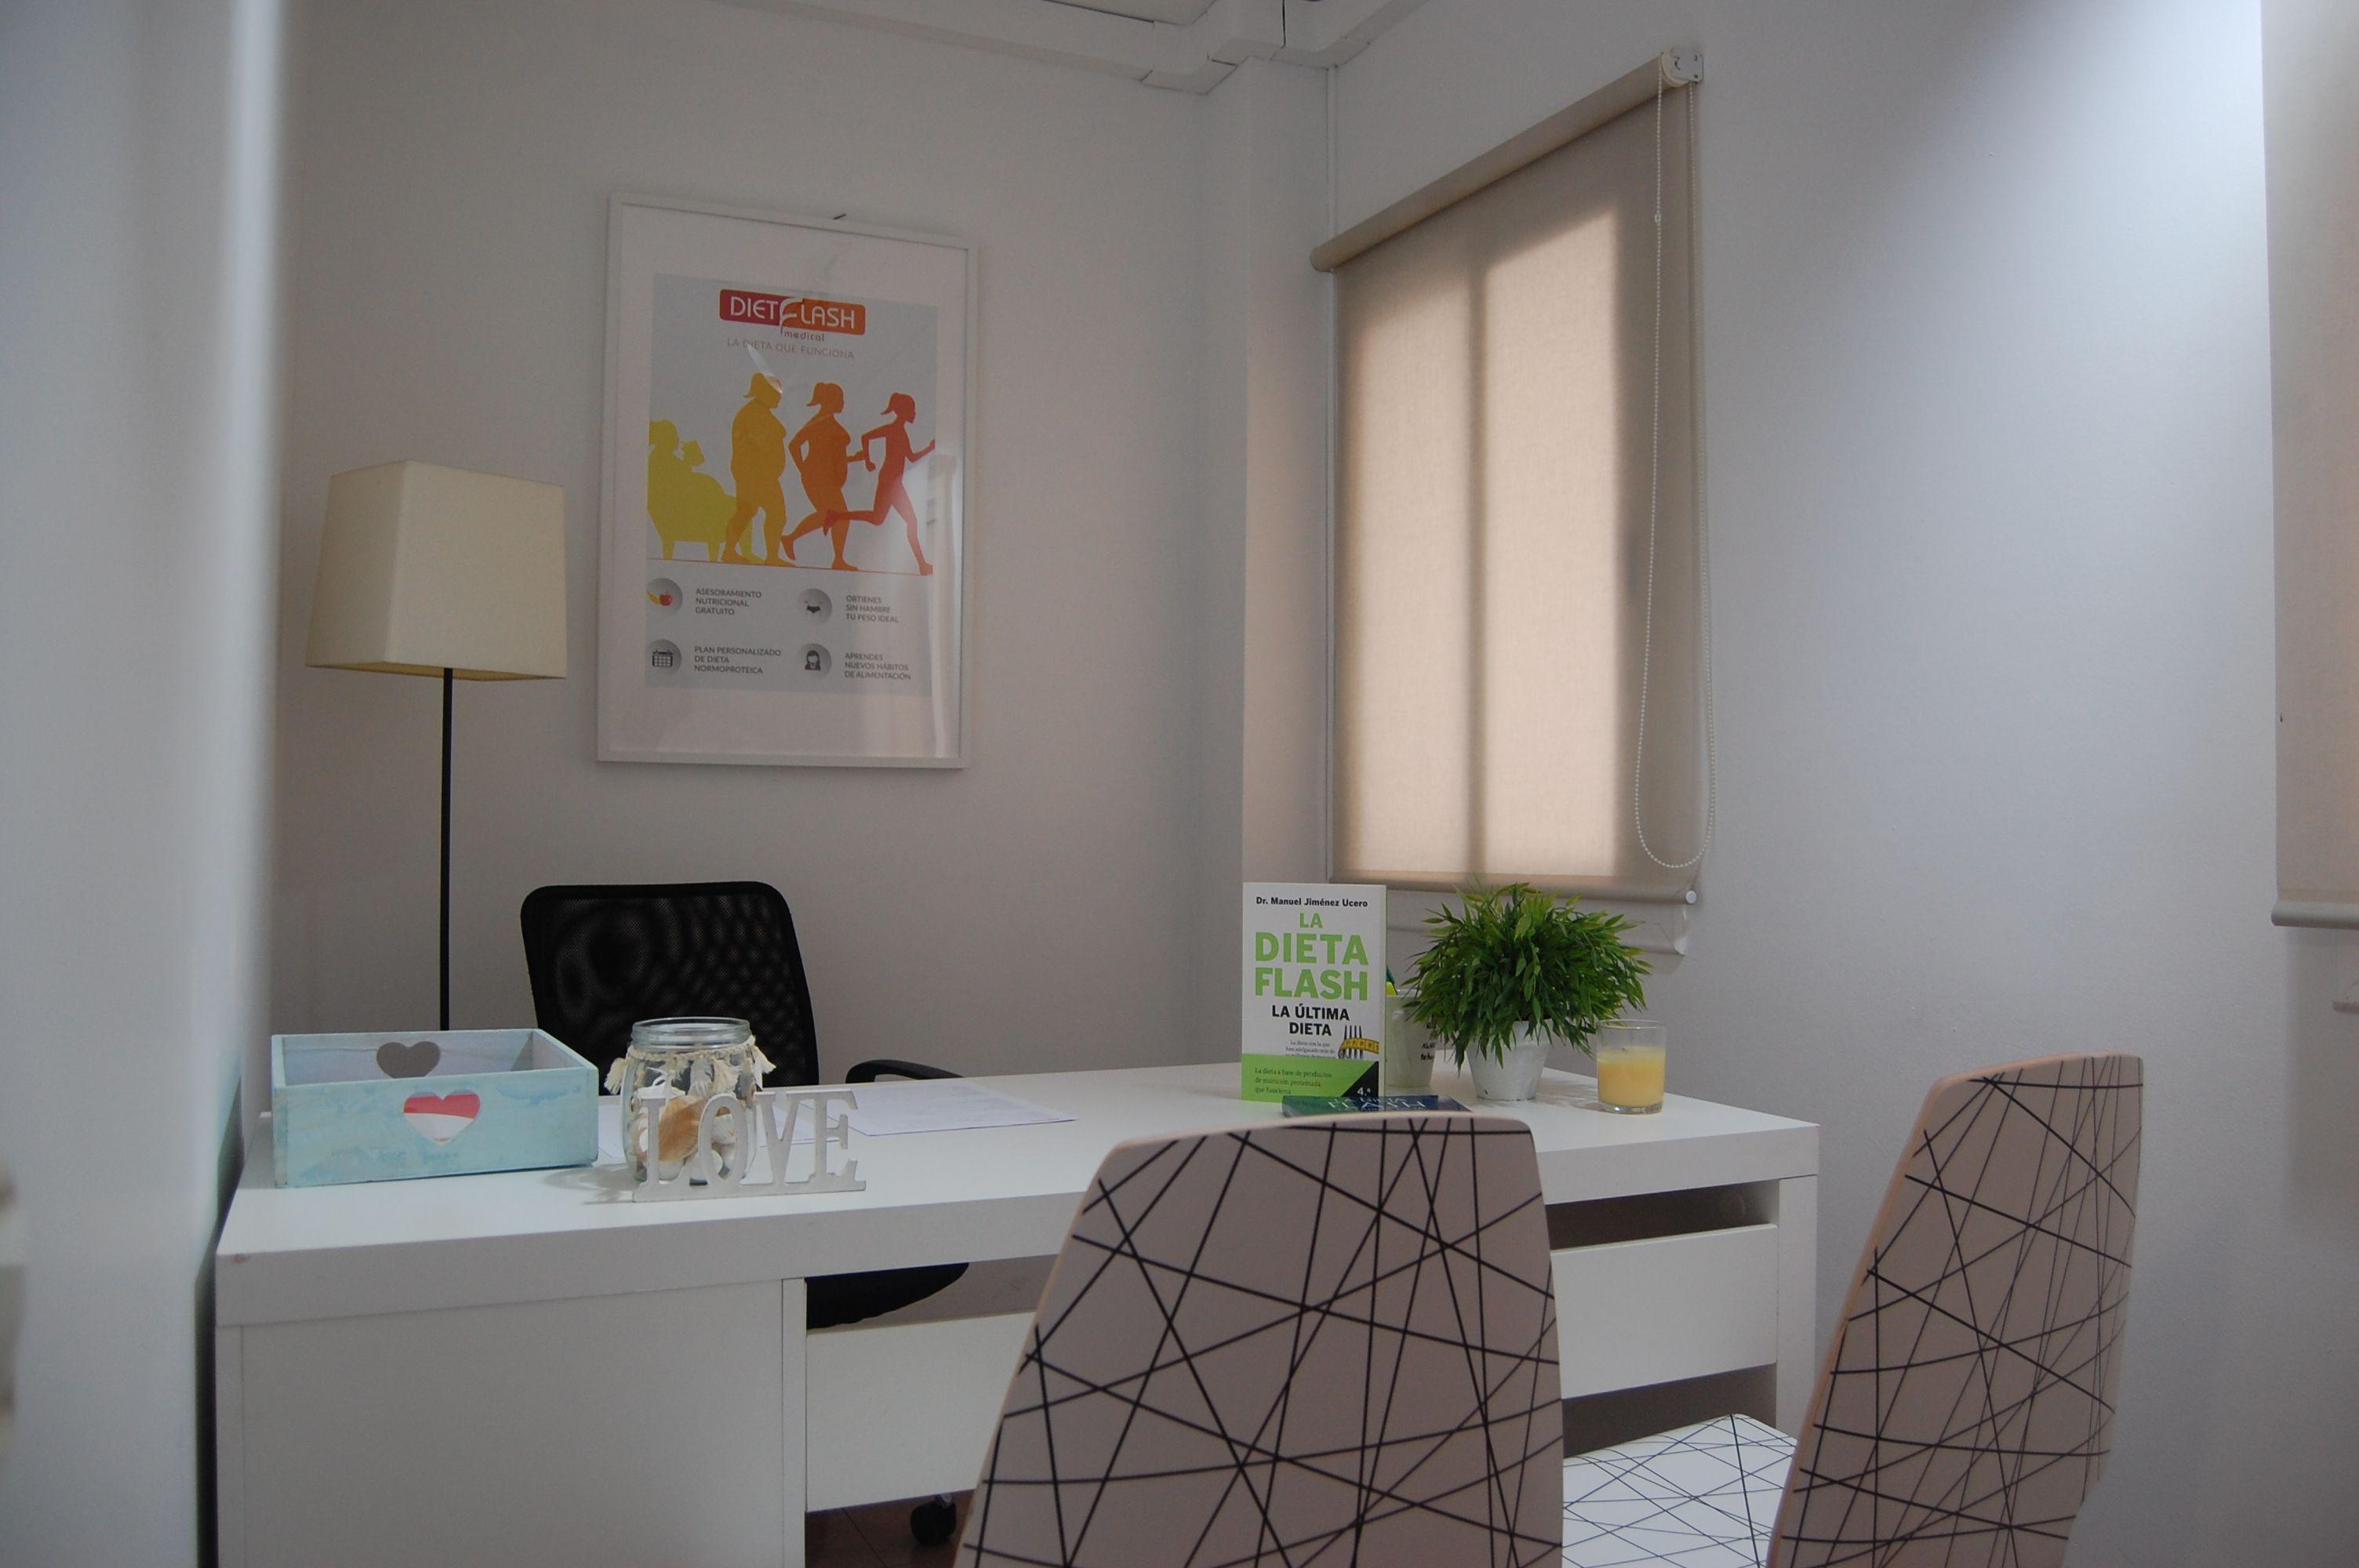 Centro de estética en Barcelona